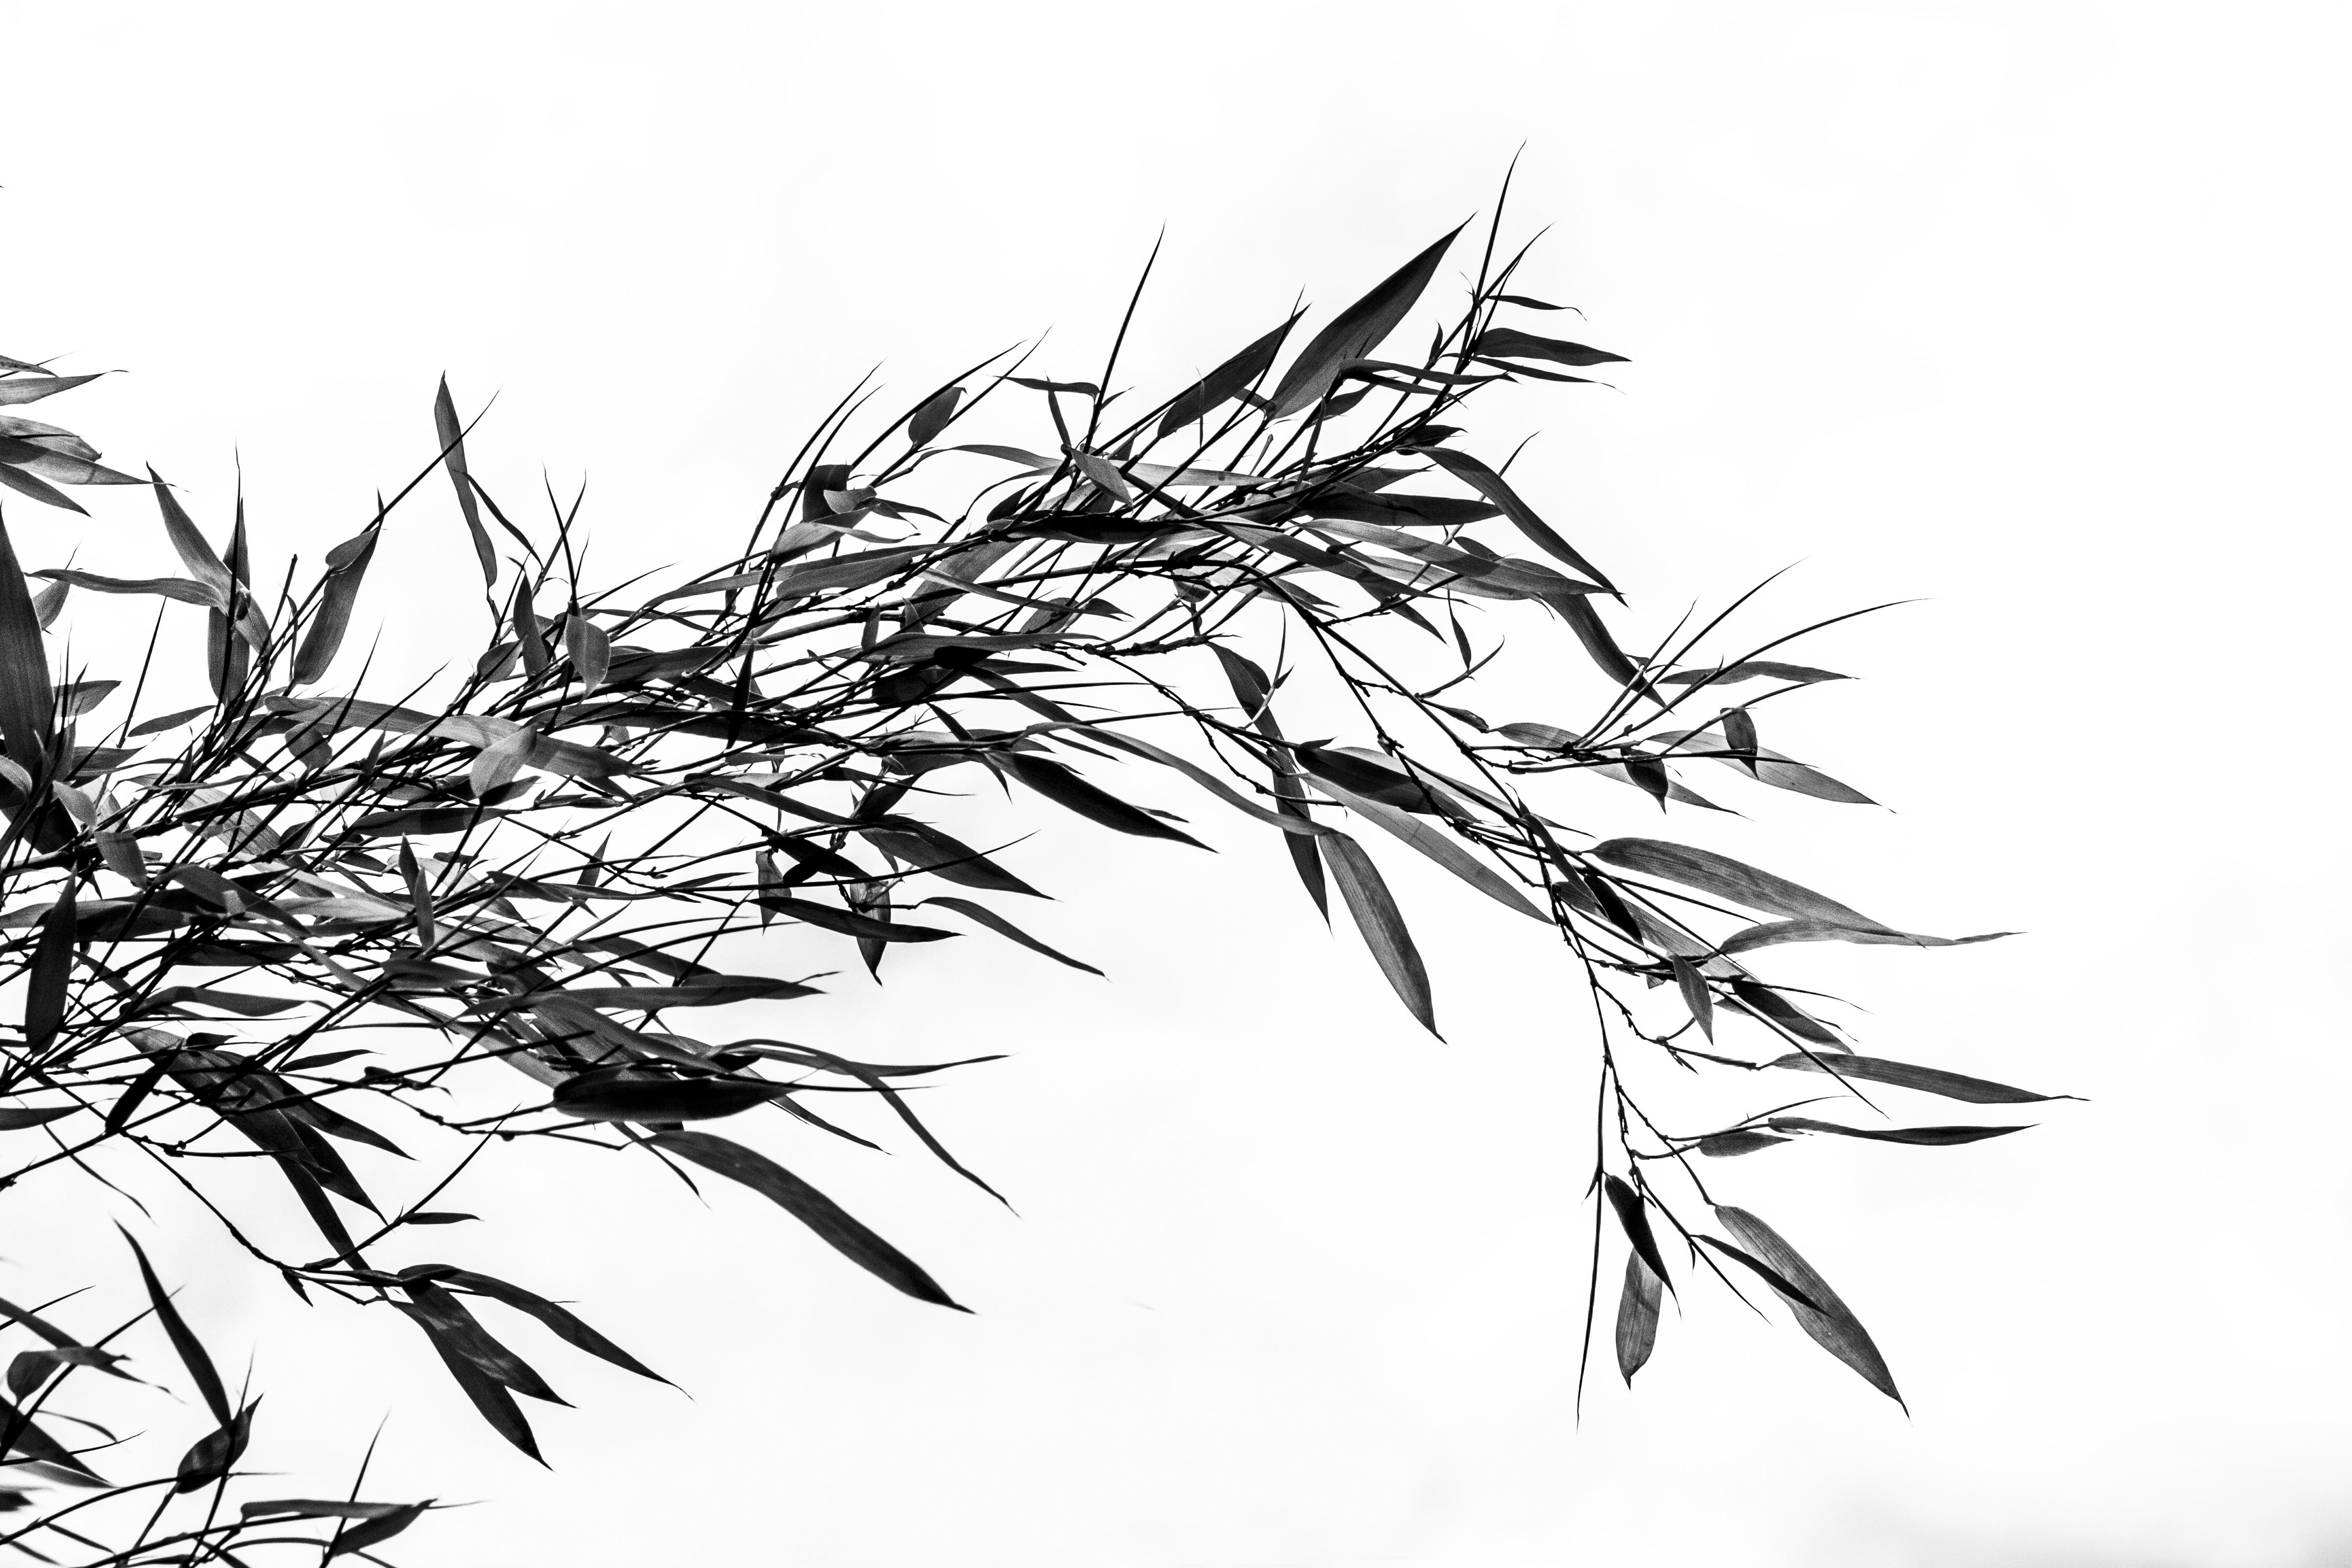 Bildet Tre Gren Svart Og Hvit Anlegg Linje Botanikk Kvist